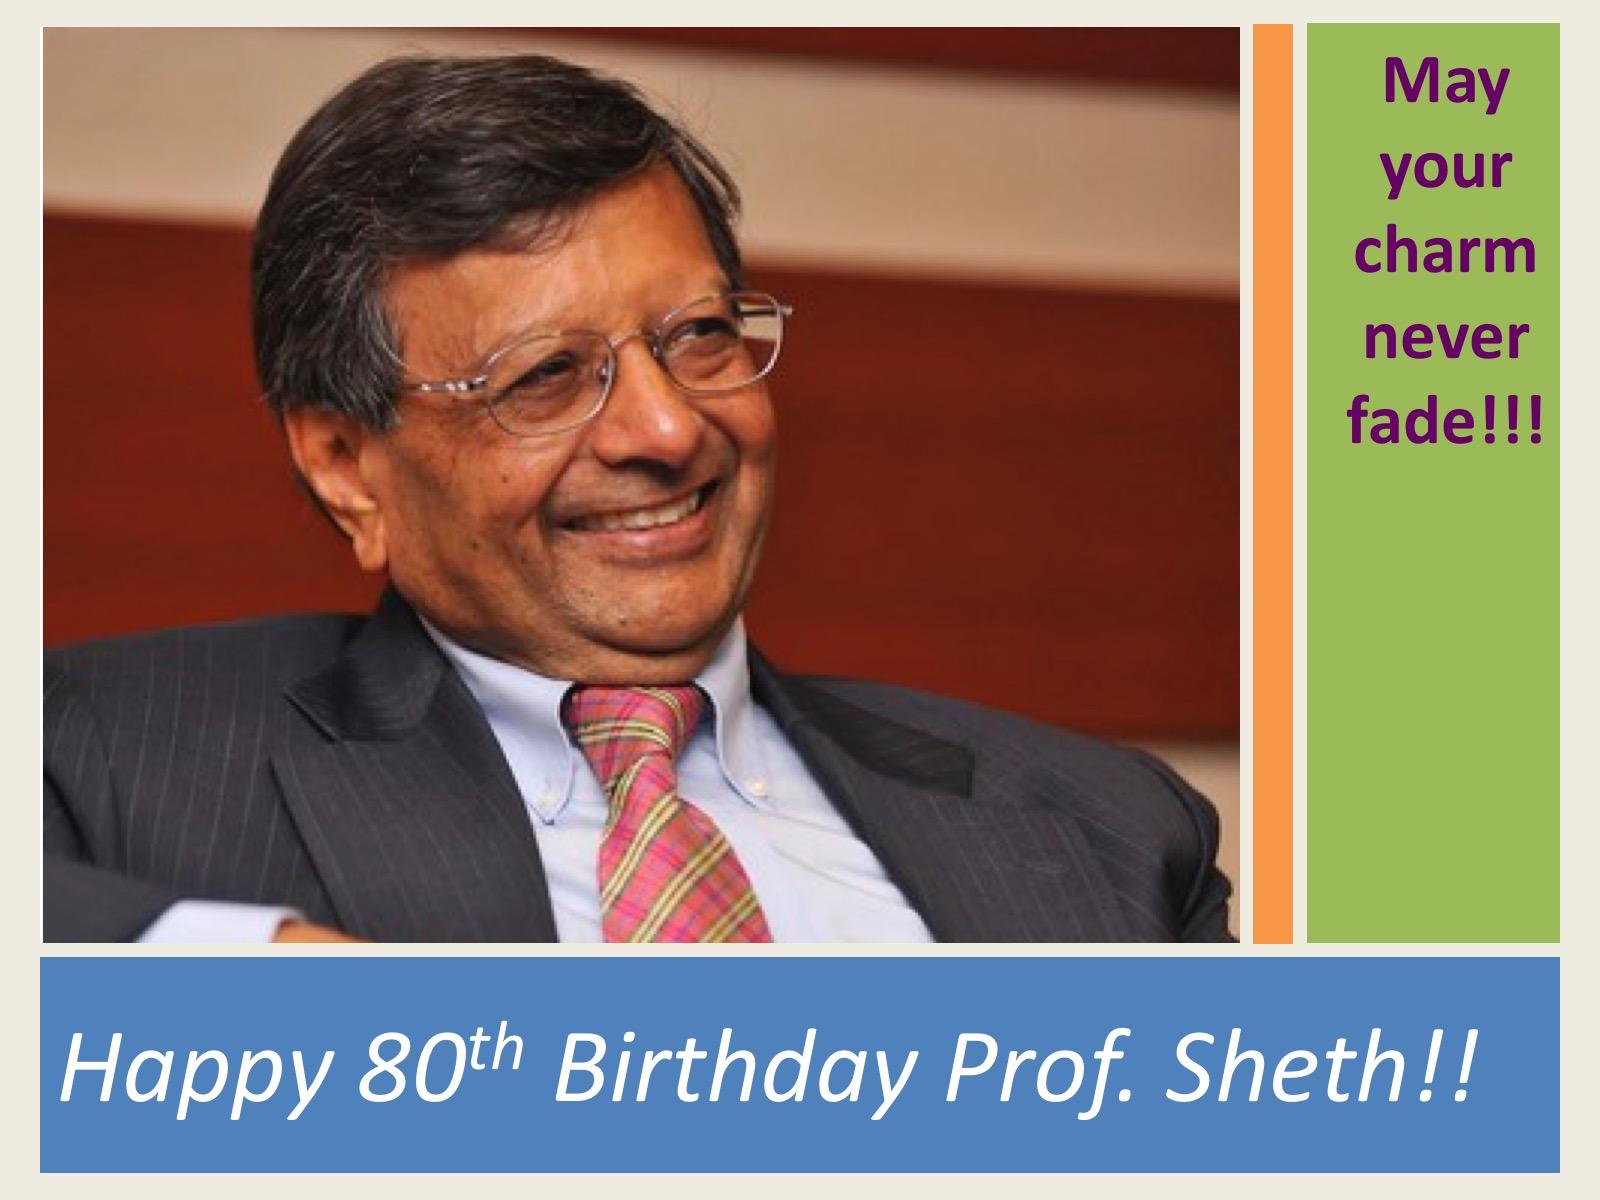 Happy 80th Birthday, Dr. Sheth